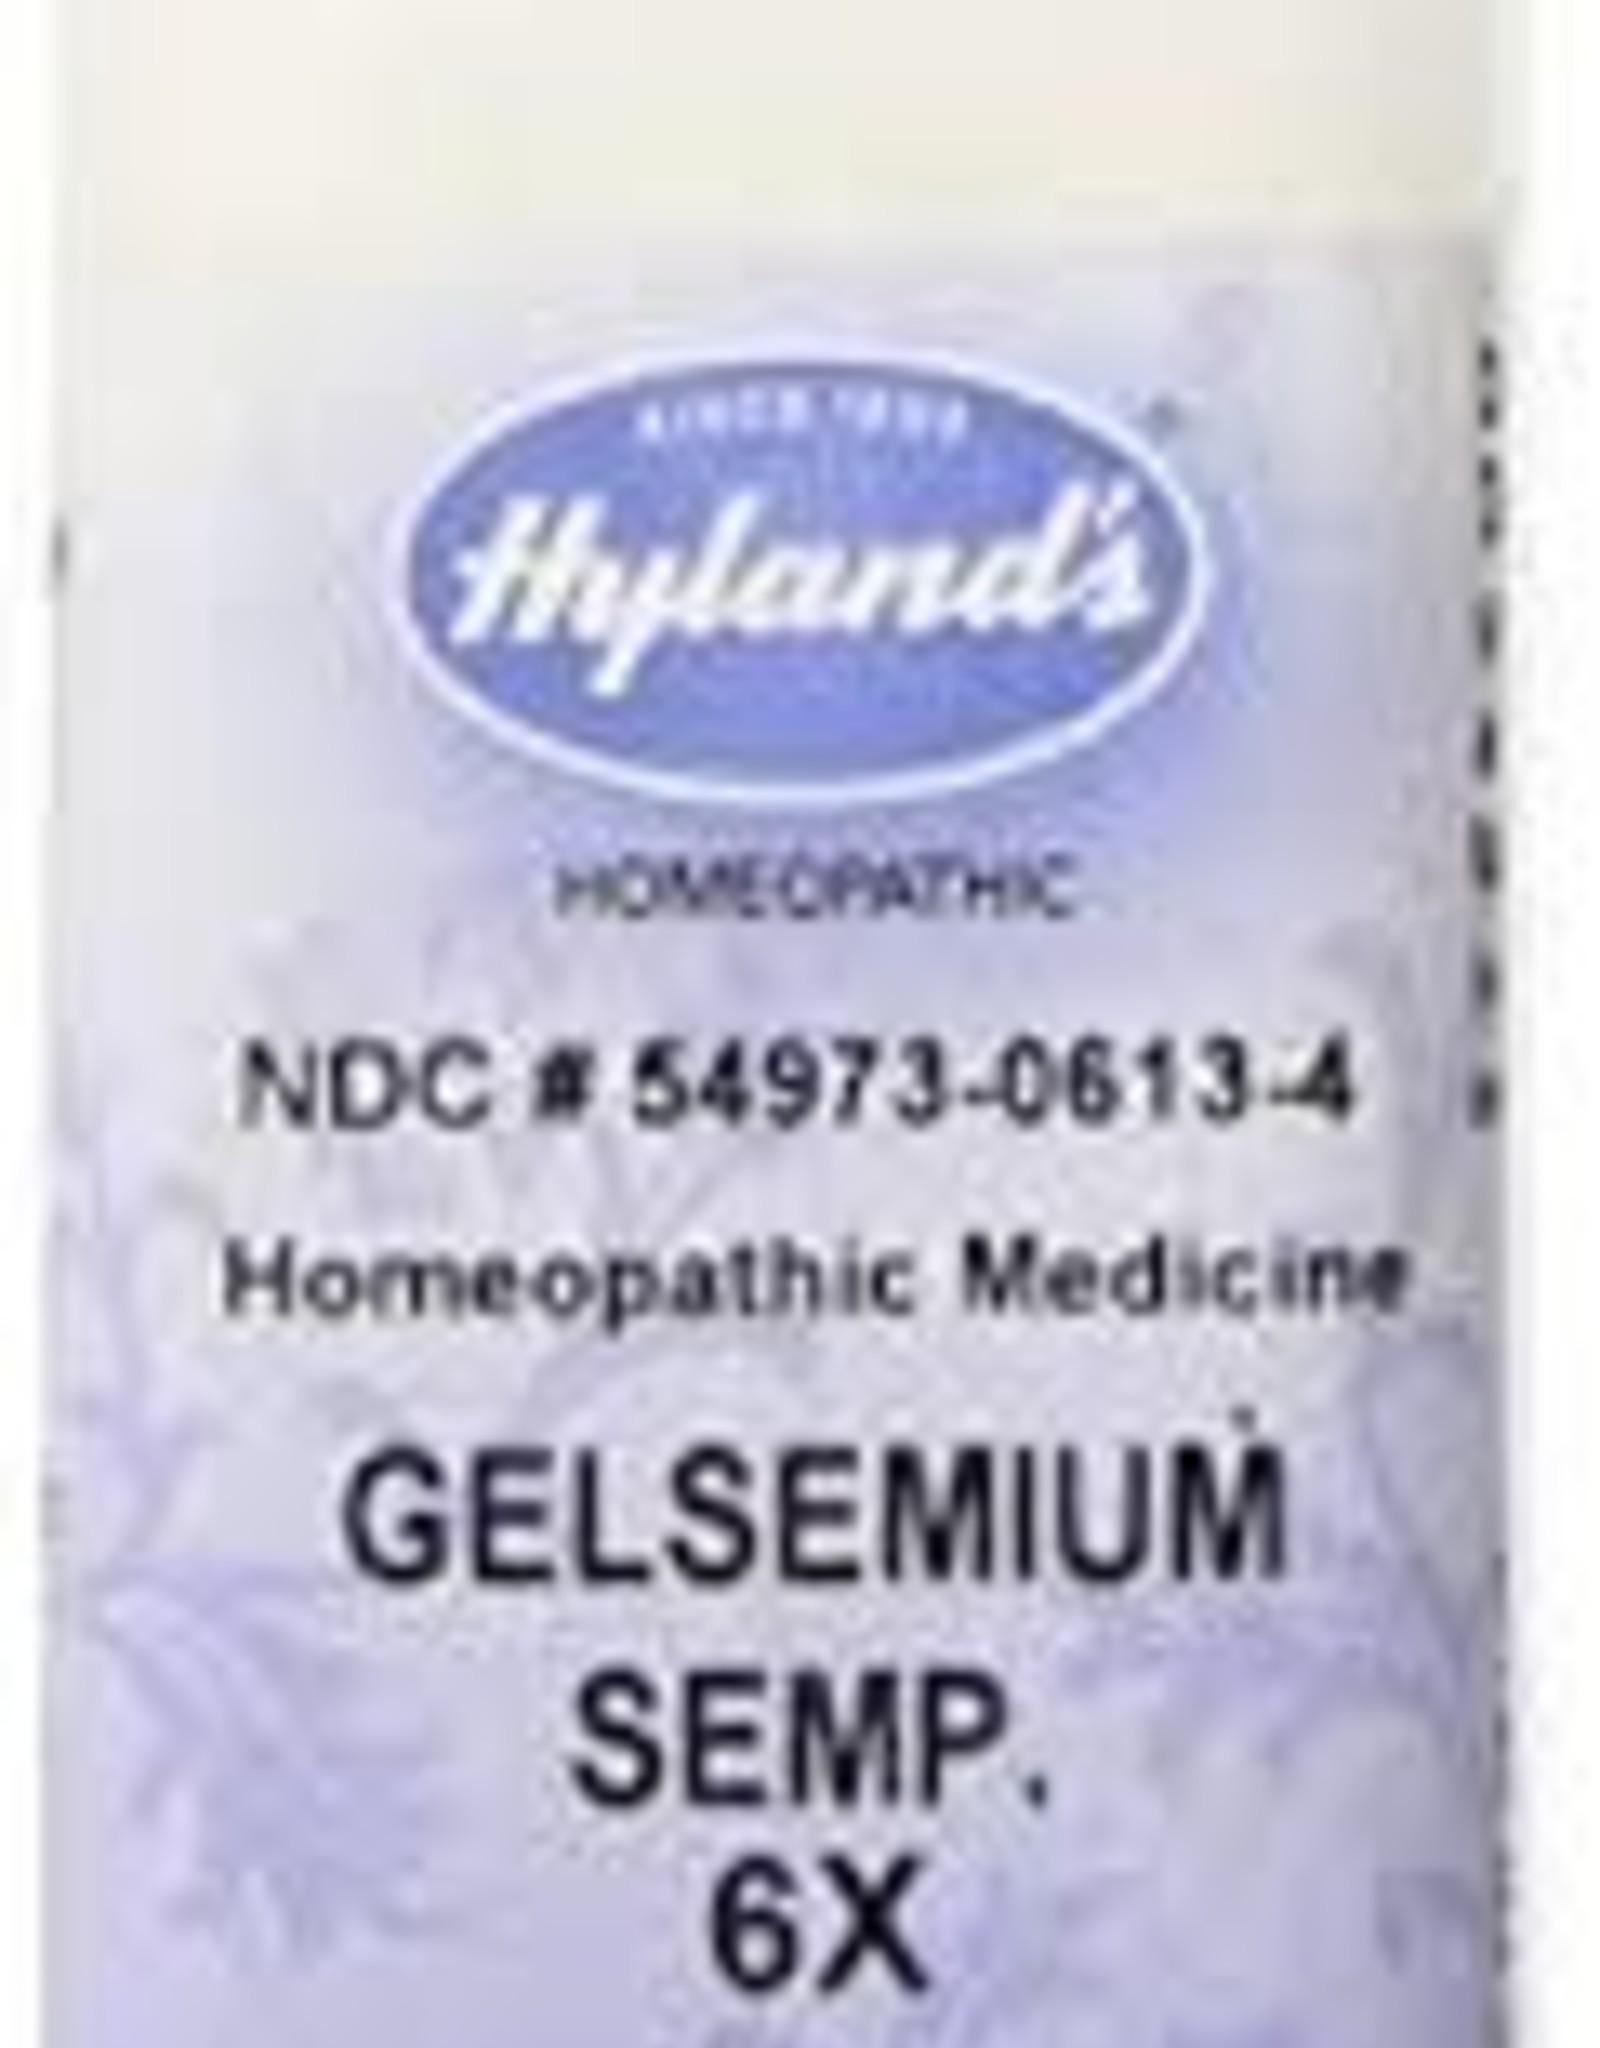 Hyland's Gelsemium Semp.